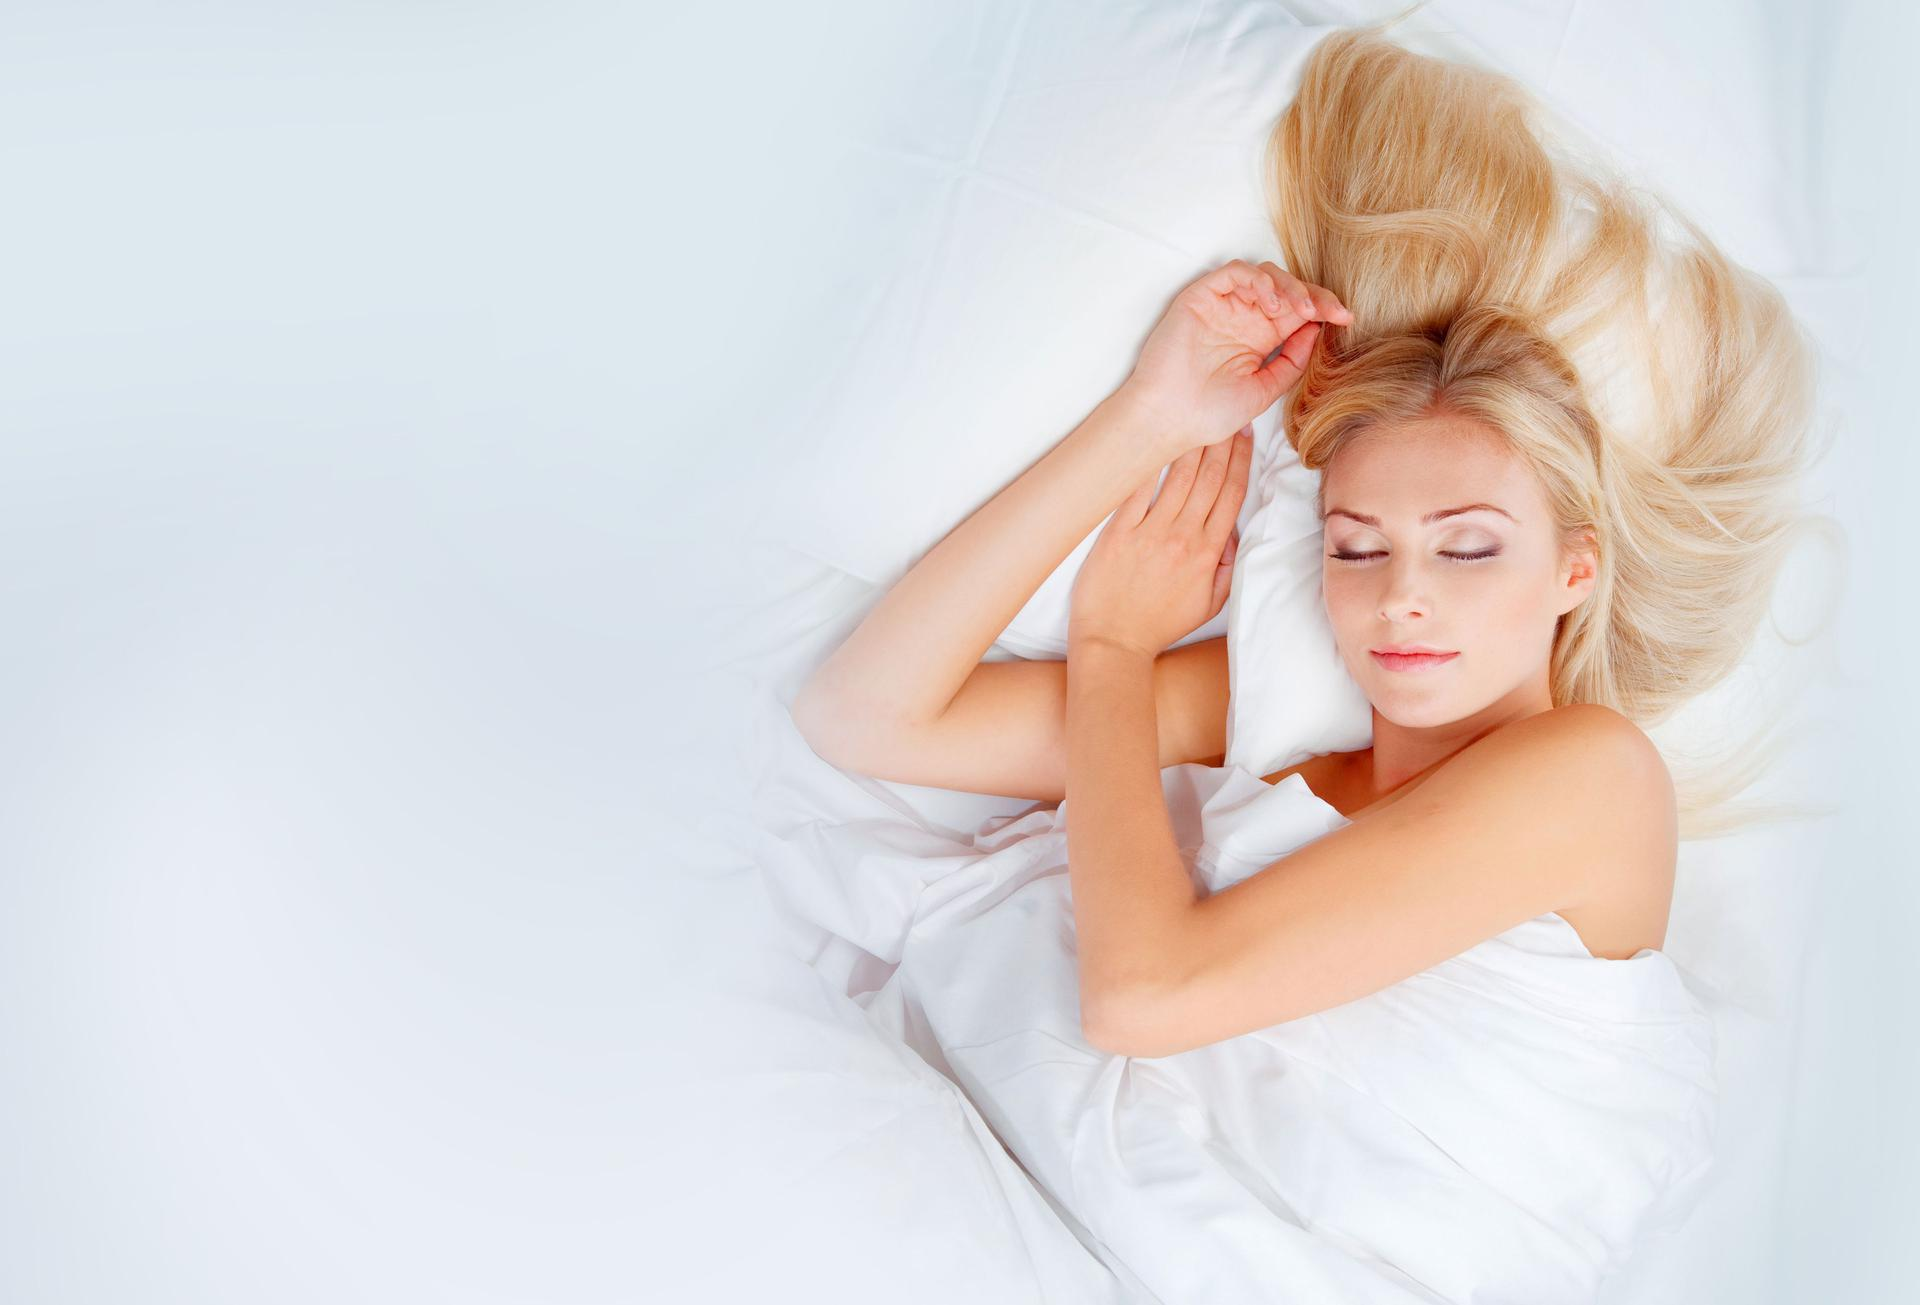 Fryzura Do Spania Co Zrobić żeby Rano Włosy ładnie